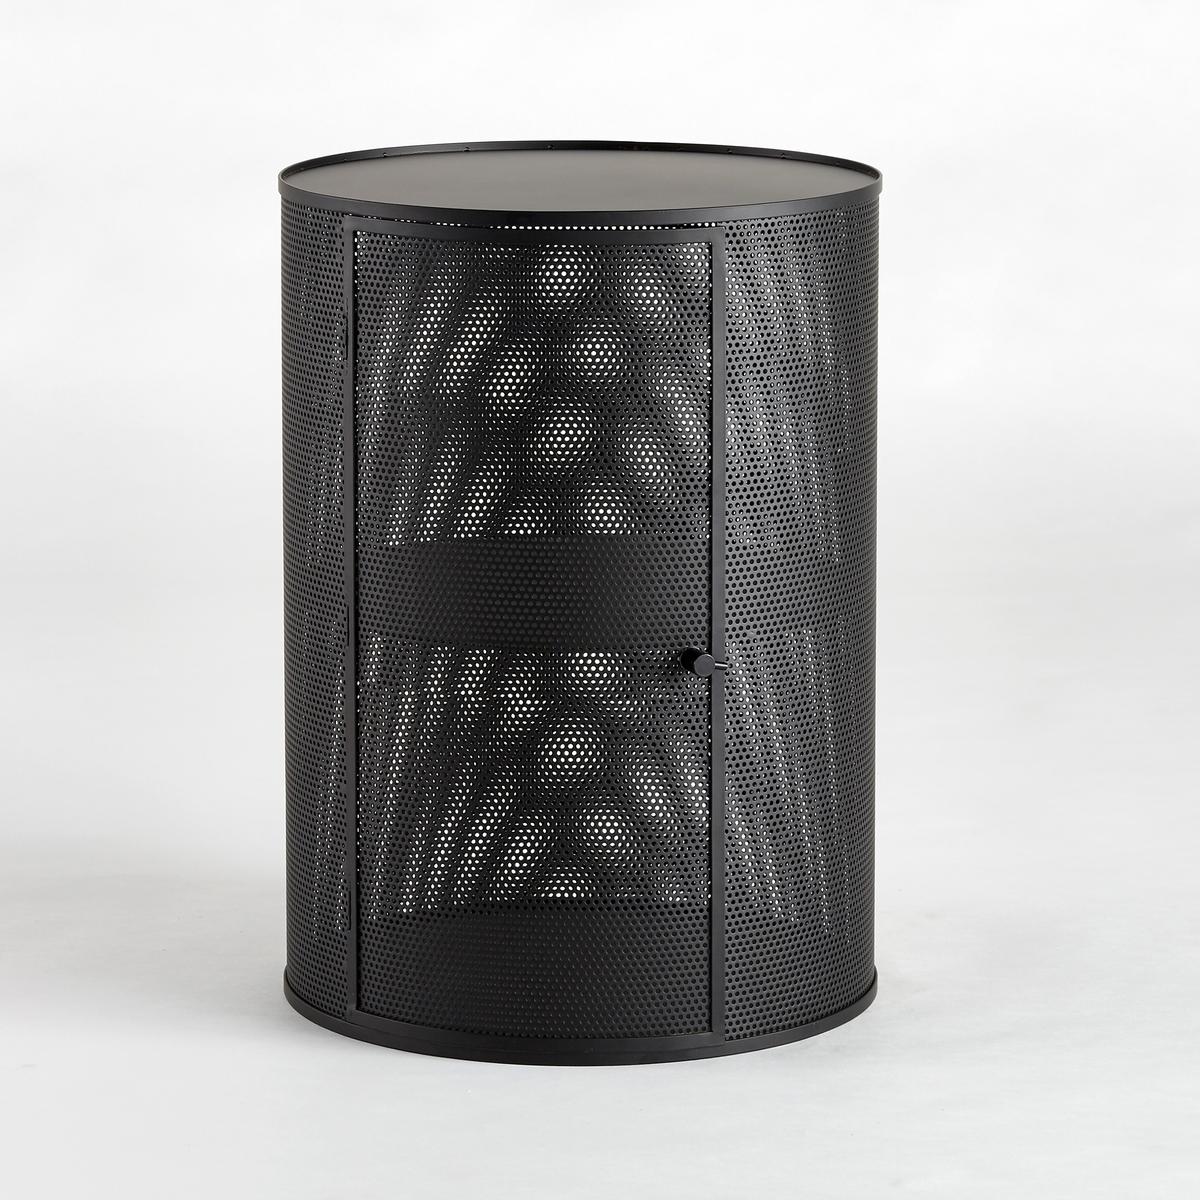 Столик диванный с перфорацией VesperДиванный столик с перфорацией Vesper. Круглый диванный столик, который можно использовать как ночной столик или журнальный столик. В продаже 2 размера.Характеристики :- Из металла с перфорацией, покрытие эпоксидной краской. - 1 дверца. 1 полка.- Дверца открывается влево или вправо. Размеры :- Размер S : диаметр 30 x высота 43 см- Размер M : диаметр 40 x высота 55 см Размеры и вес коробки :- Размер S: Ш.38 x В.38 x Г.48 см, 7,96 кг- Размер M : Ш.47 x В.47 x Г.61,5 см, 12,5 кг<br><br>Цвет: черный